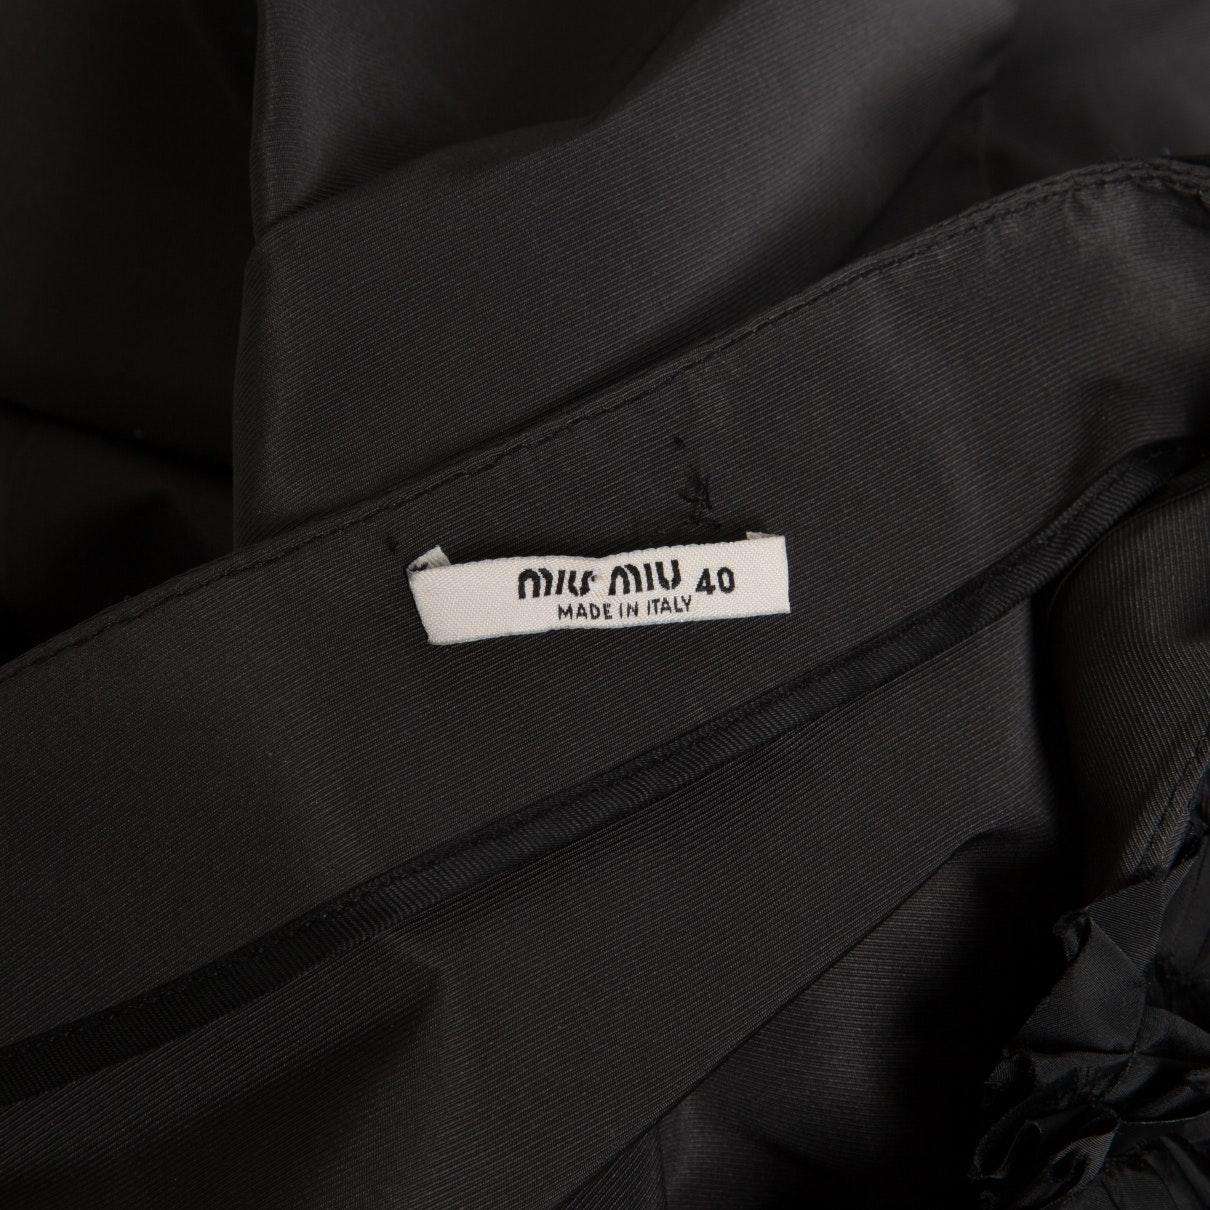 Vestido en poliéster antracita N Miu Miu de Tejido sintético de color Negro